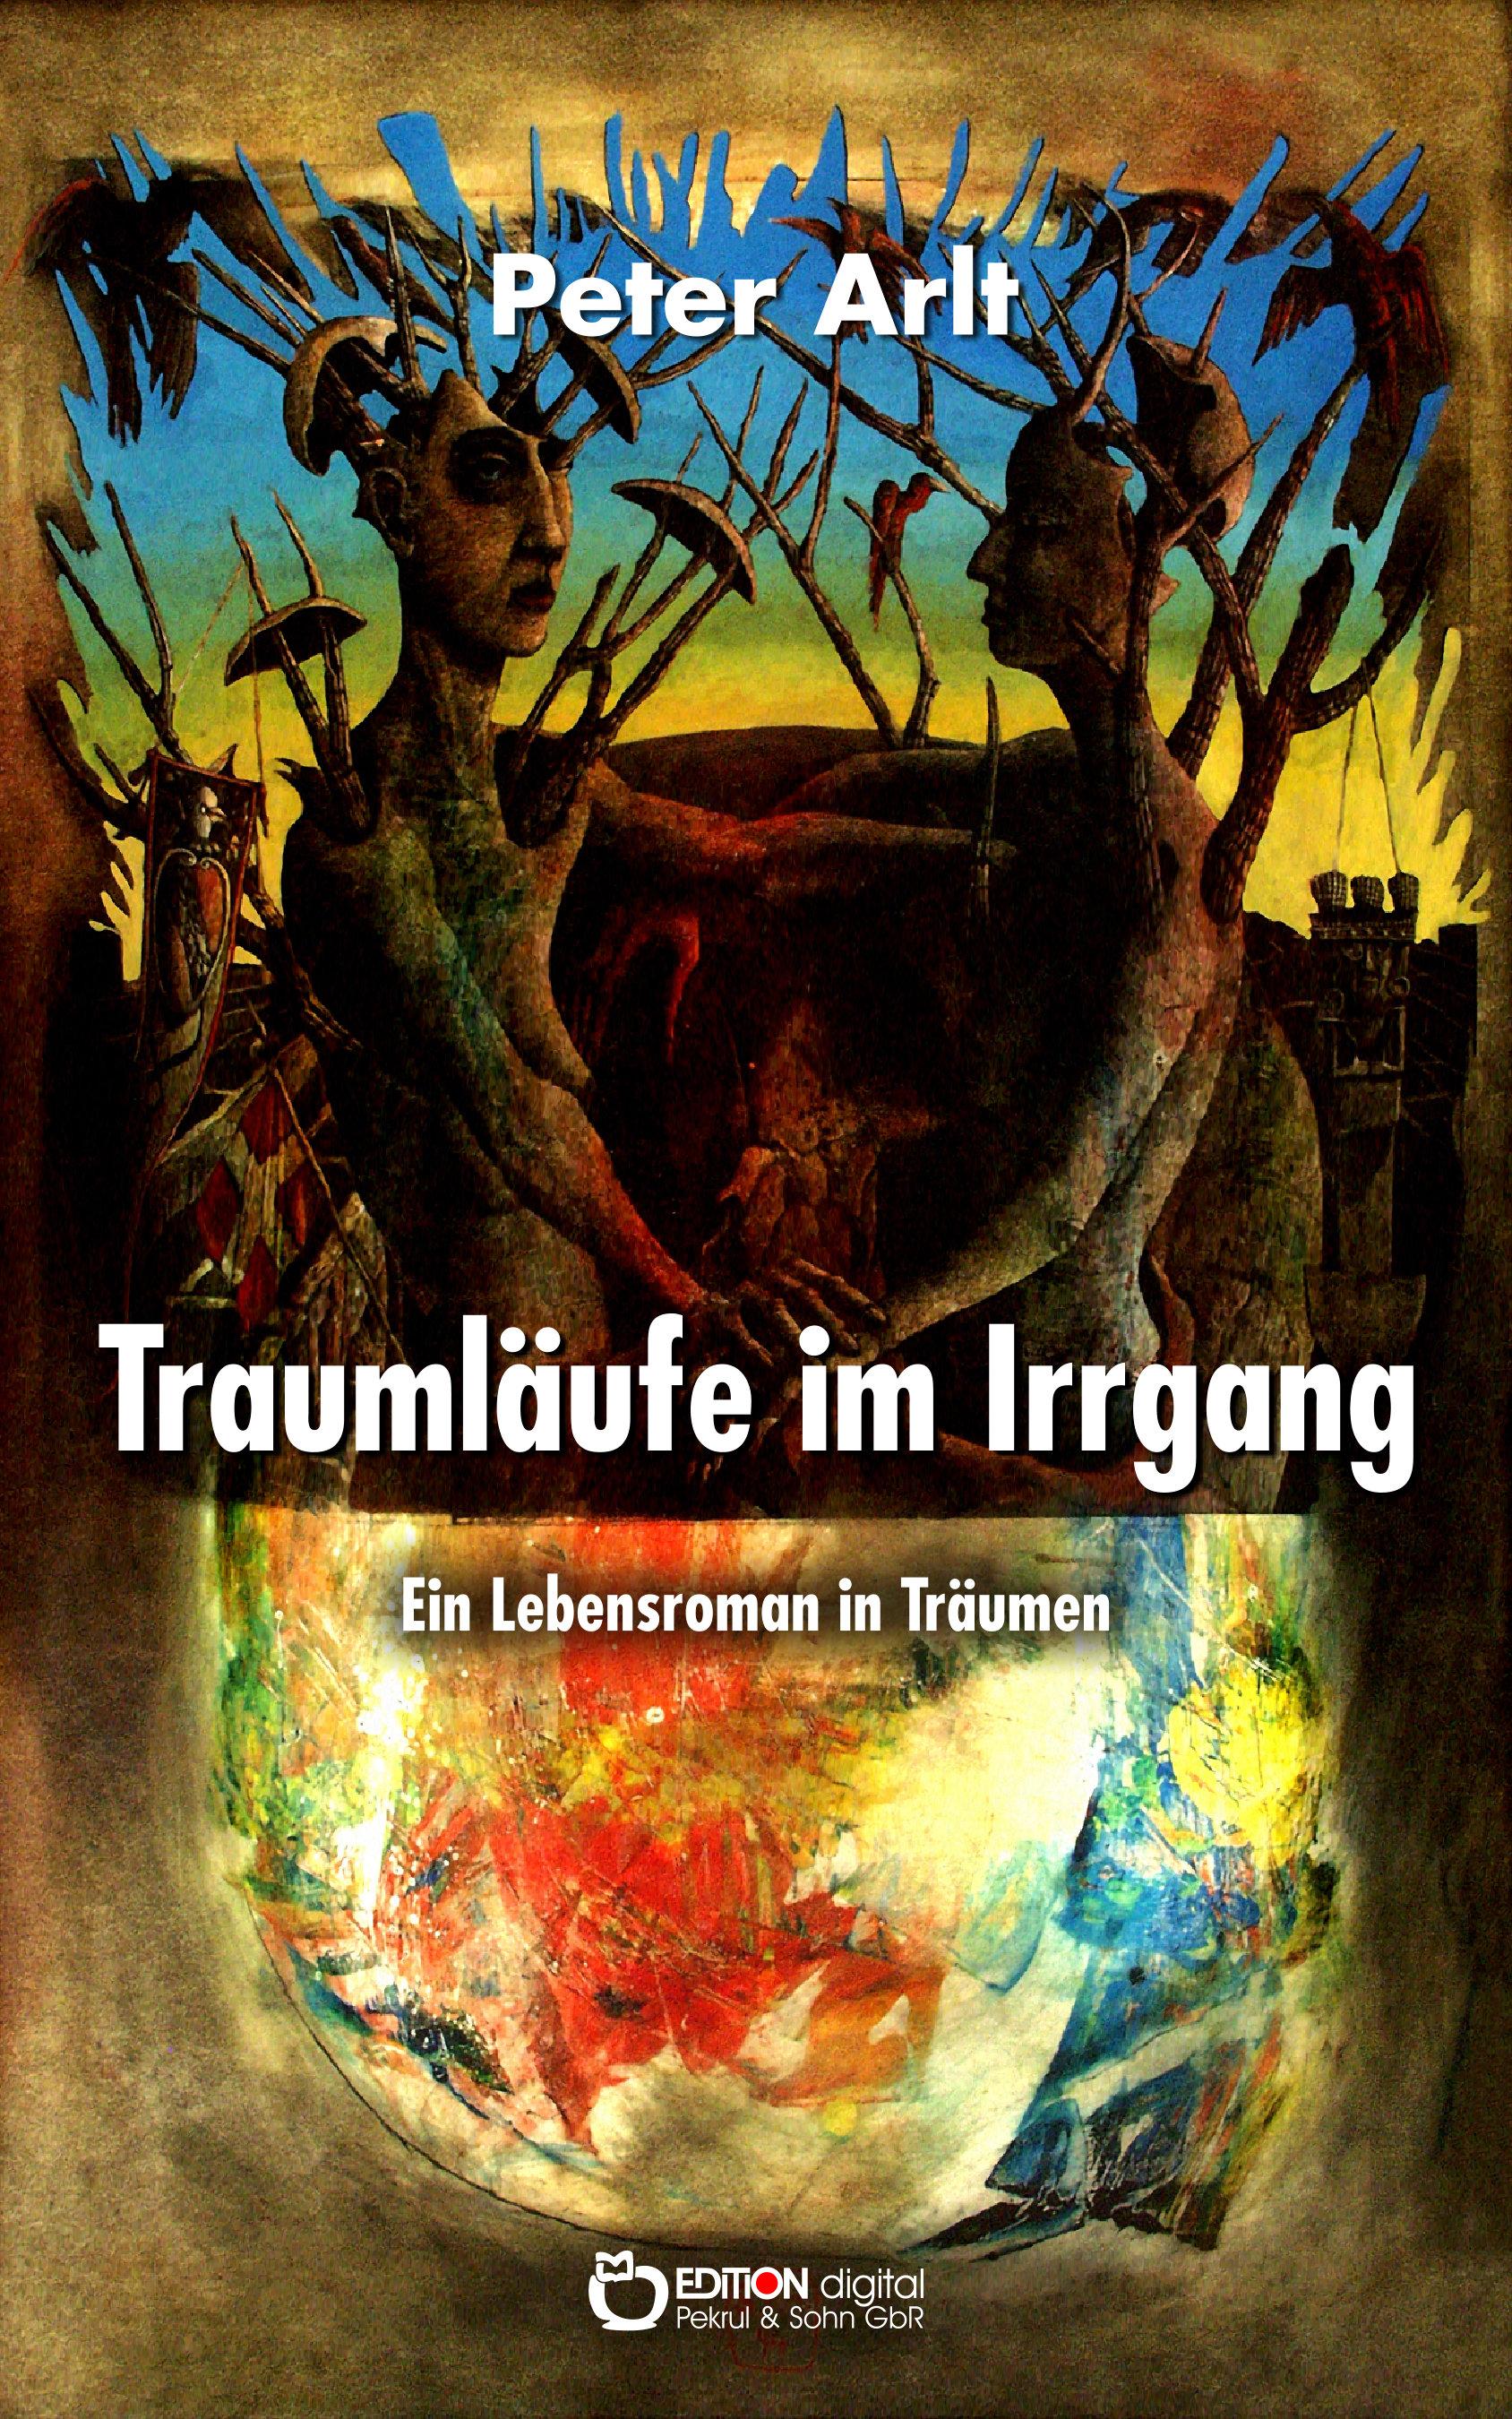 Traumläufe im Irrgang. Ein Lebensroman in Träumen – Traumaufzeichnungen aus fünf Jahrzehnten von Peter Arlt